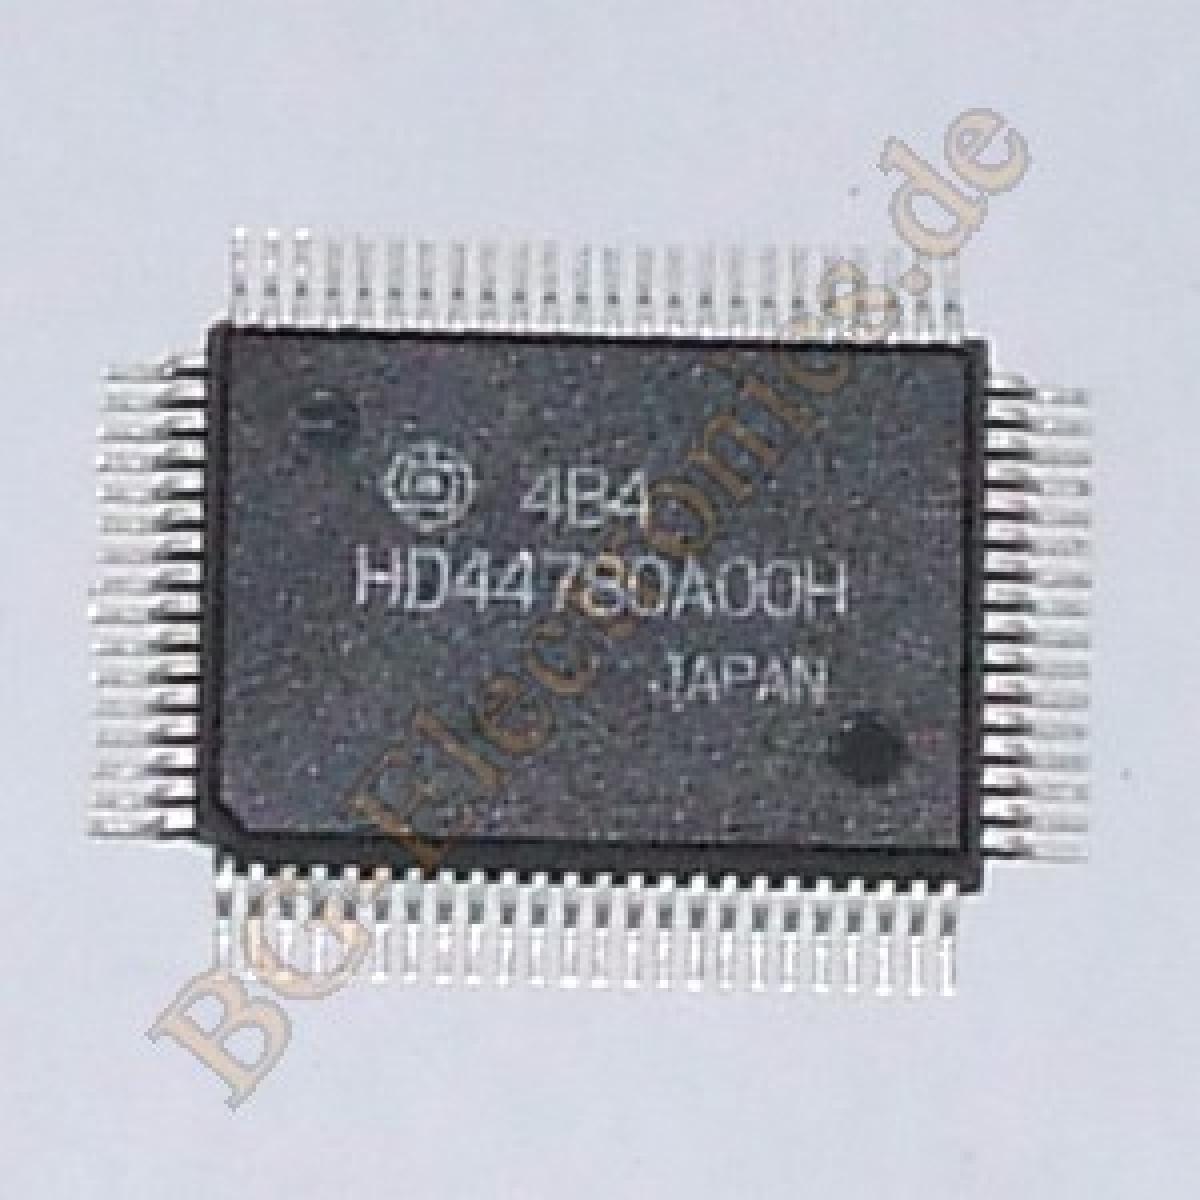 1-x-HD44780A00H-Dot-Matrix-Liquid-Crystal-Display-Contro-Hitachi-TQFP-80-1pcs